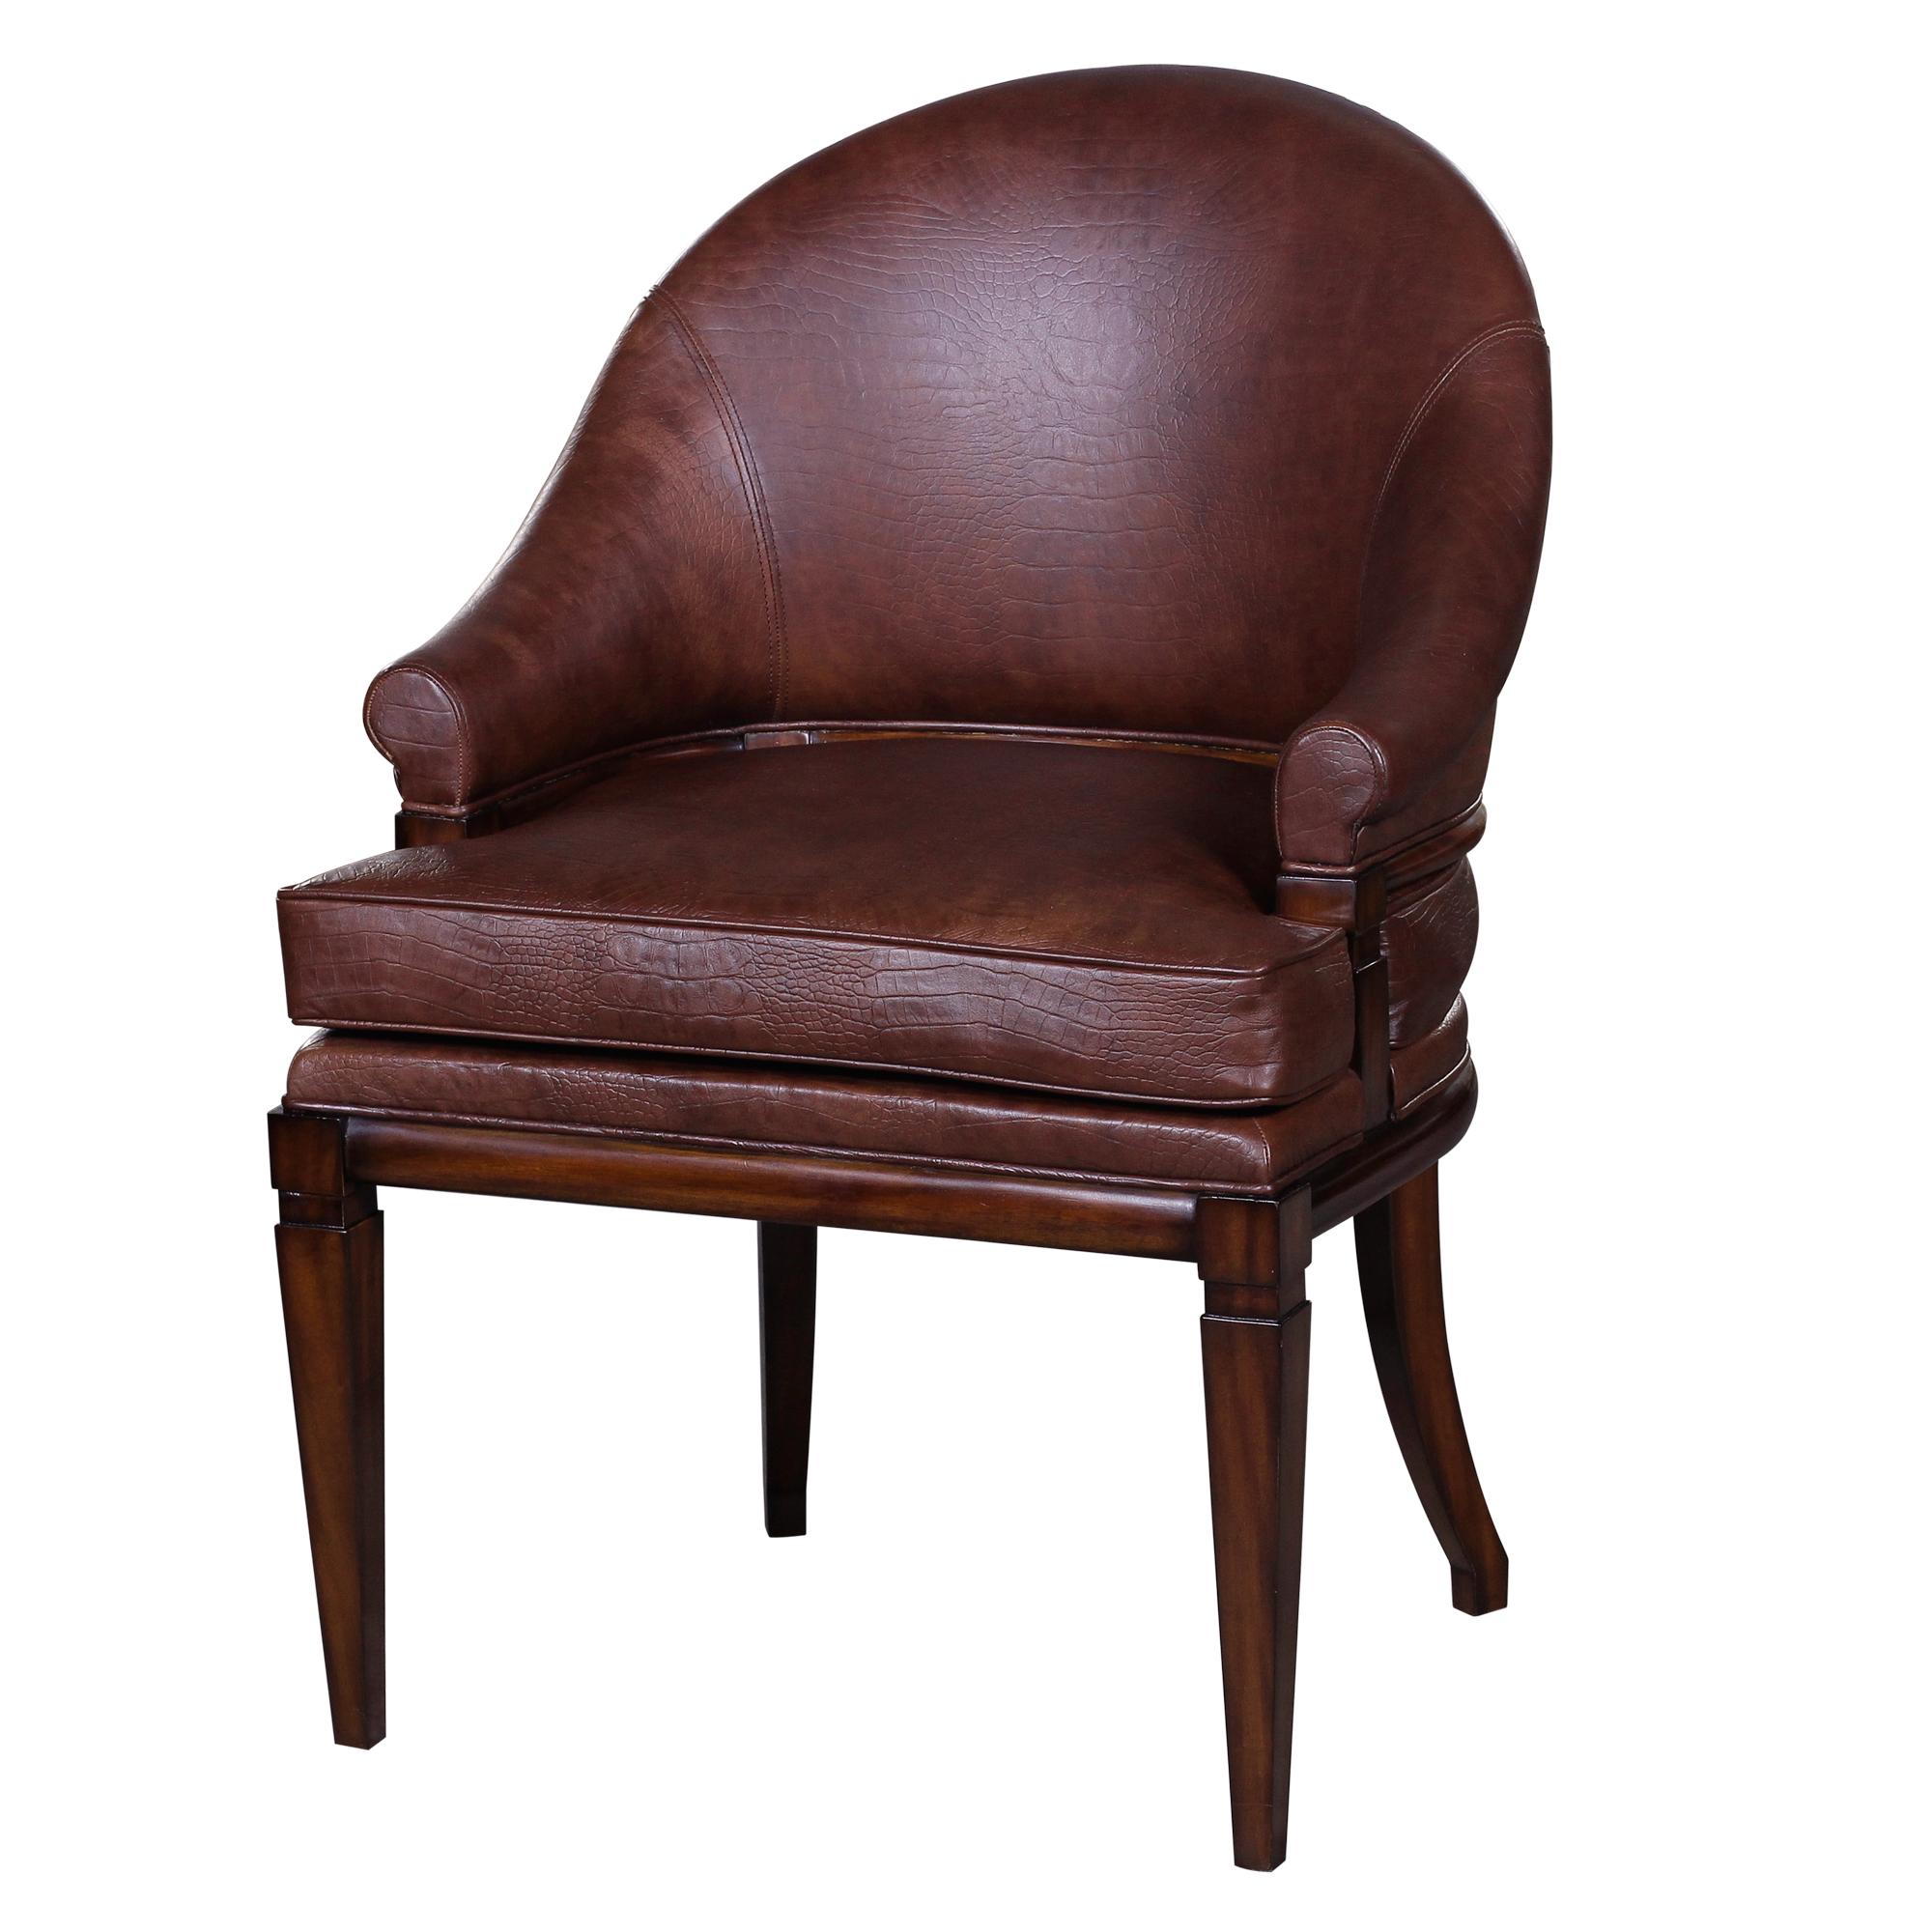 34595---Chair-Riga,-EM-ABRN--2